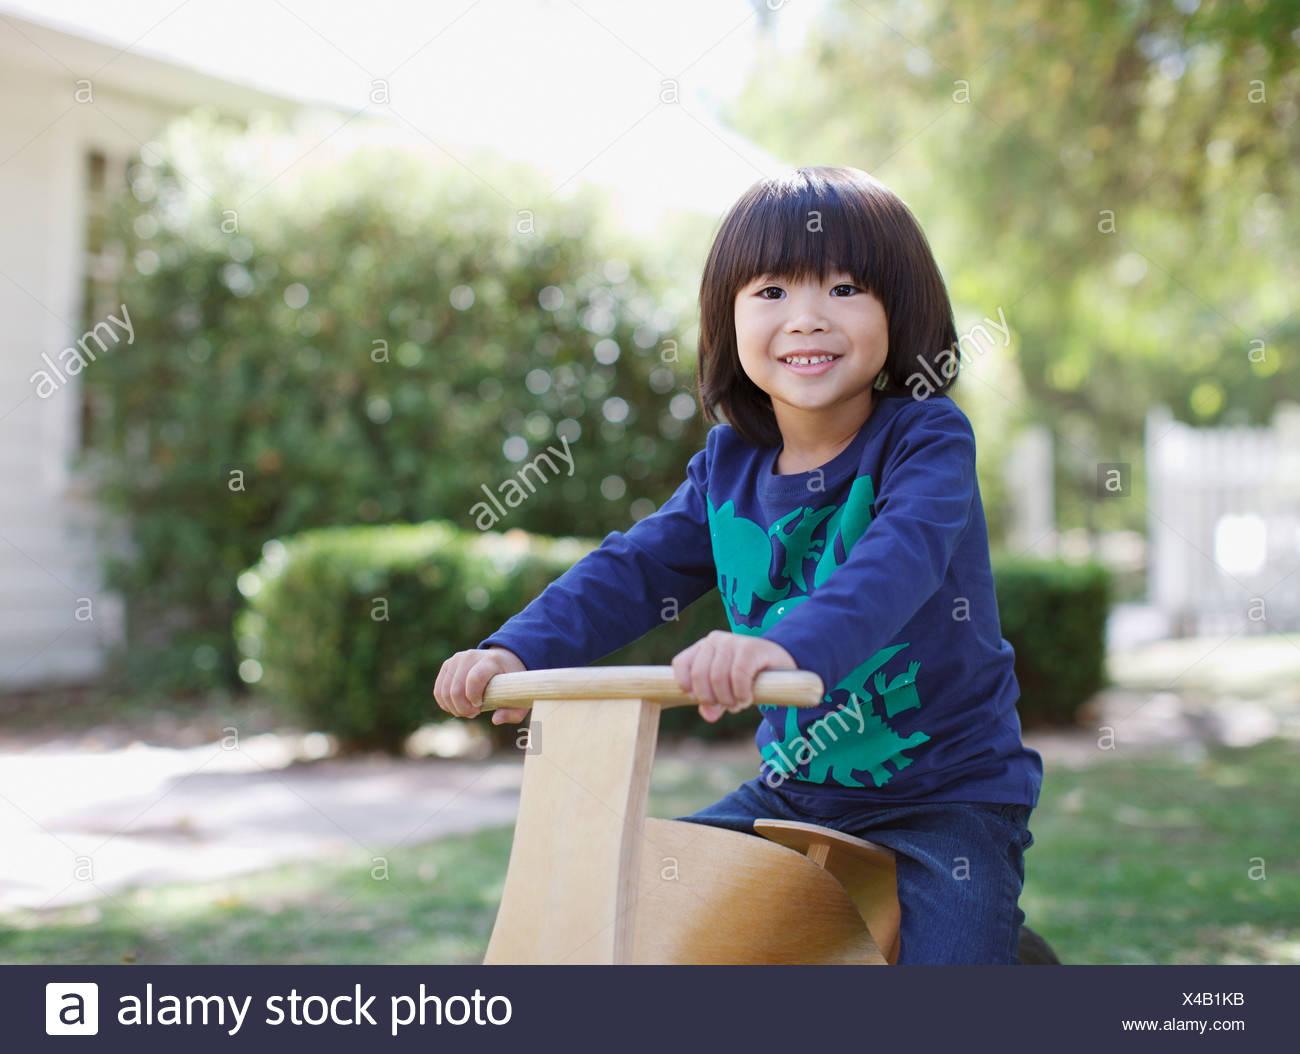 4-5 ans,active,origine asiatique,jardin,BOY,les garçons,california,vêtements,enfance,image,jour,elementary Photo Stock